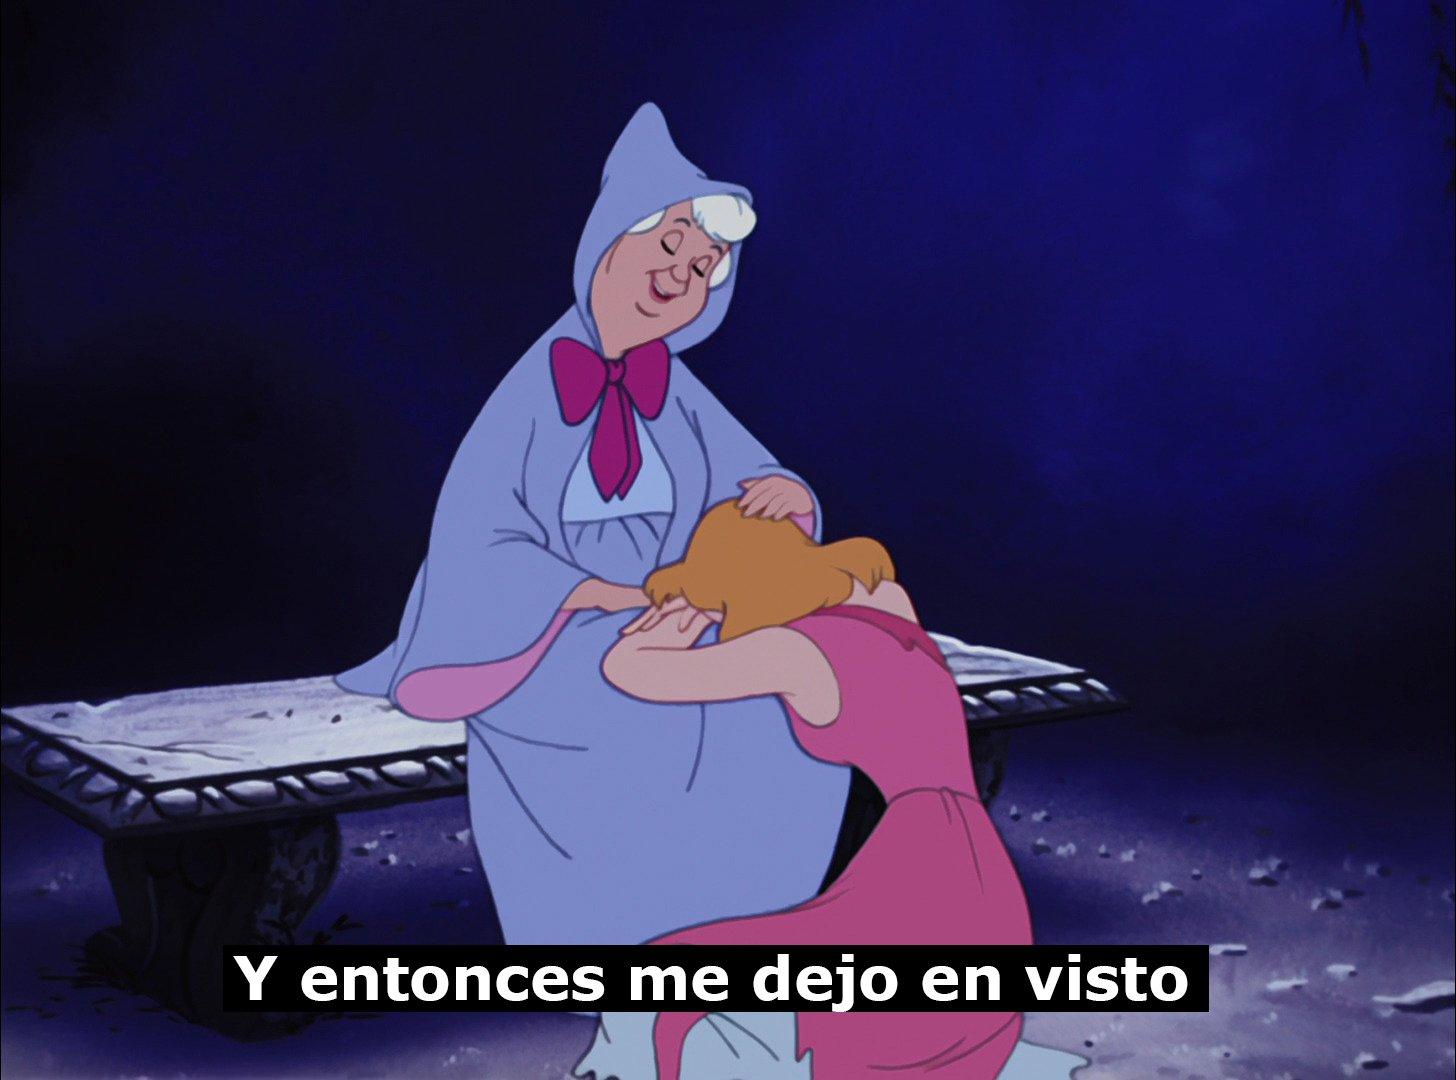 22 Memes De Las Princesas De Disney Vas A Reír Demasiado